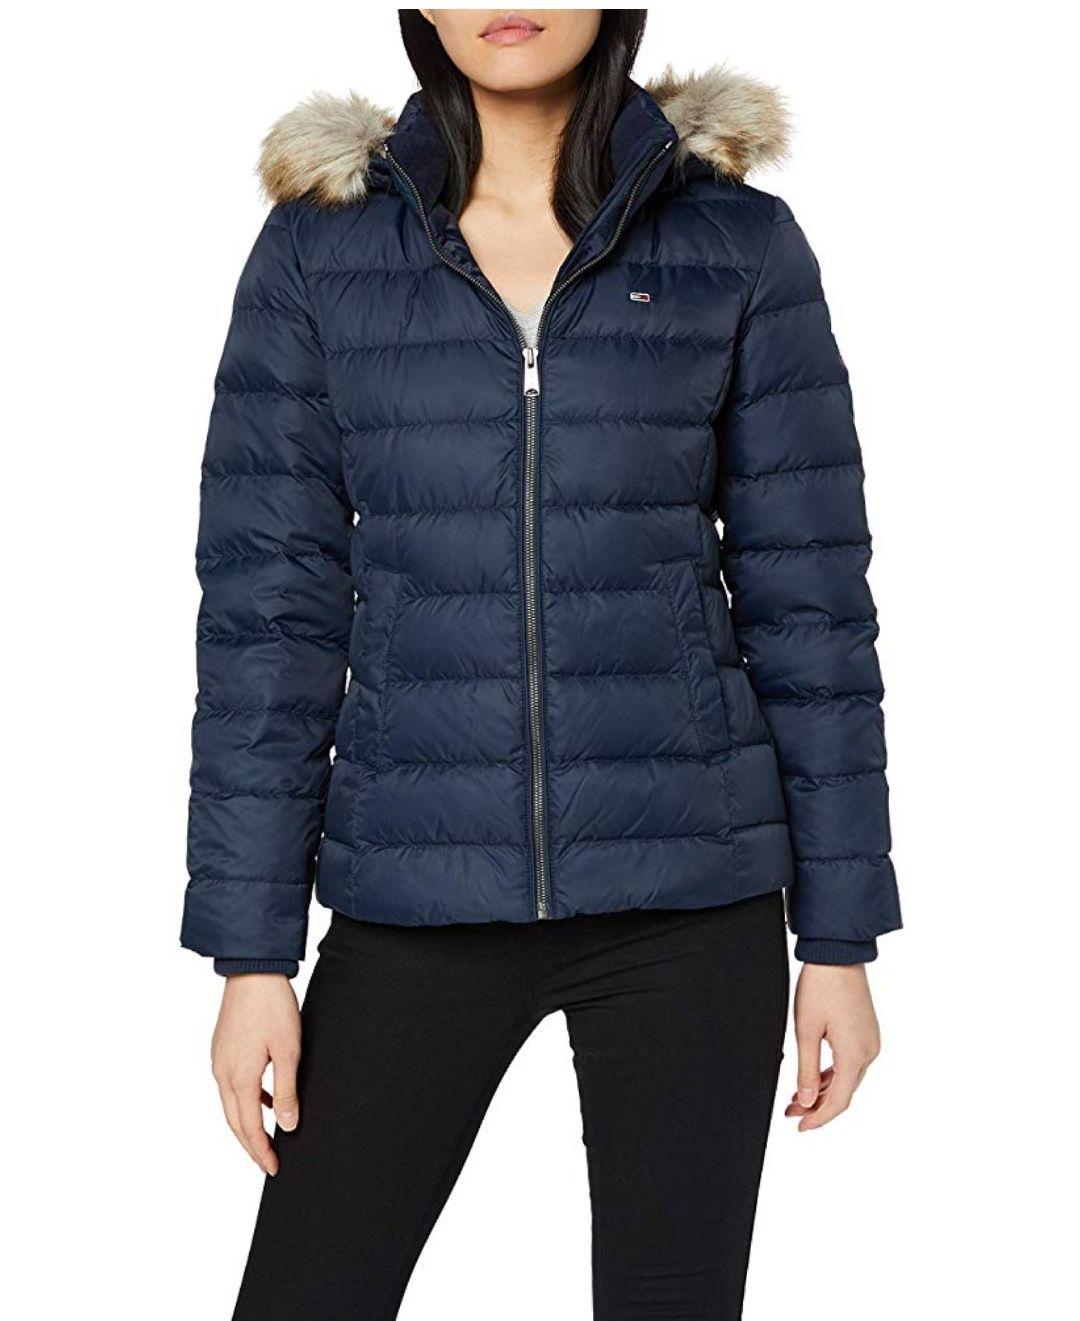 Blouson Femme Tommy Hilfiger Essential Hooded Down Jacket - Plusieurs tailles à partir de 159.48€